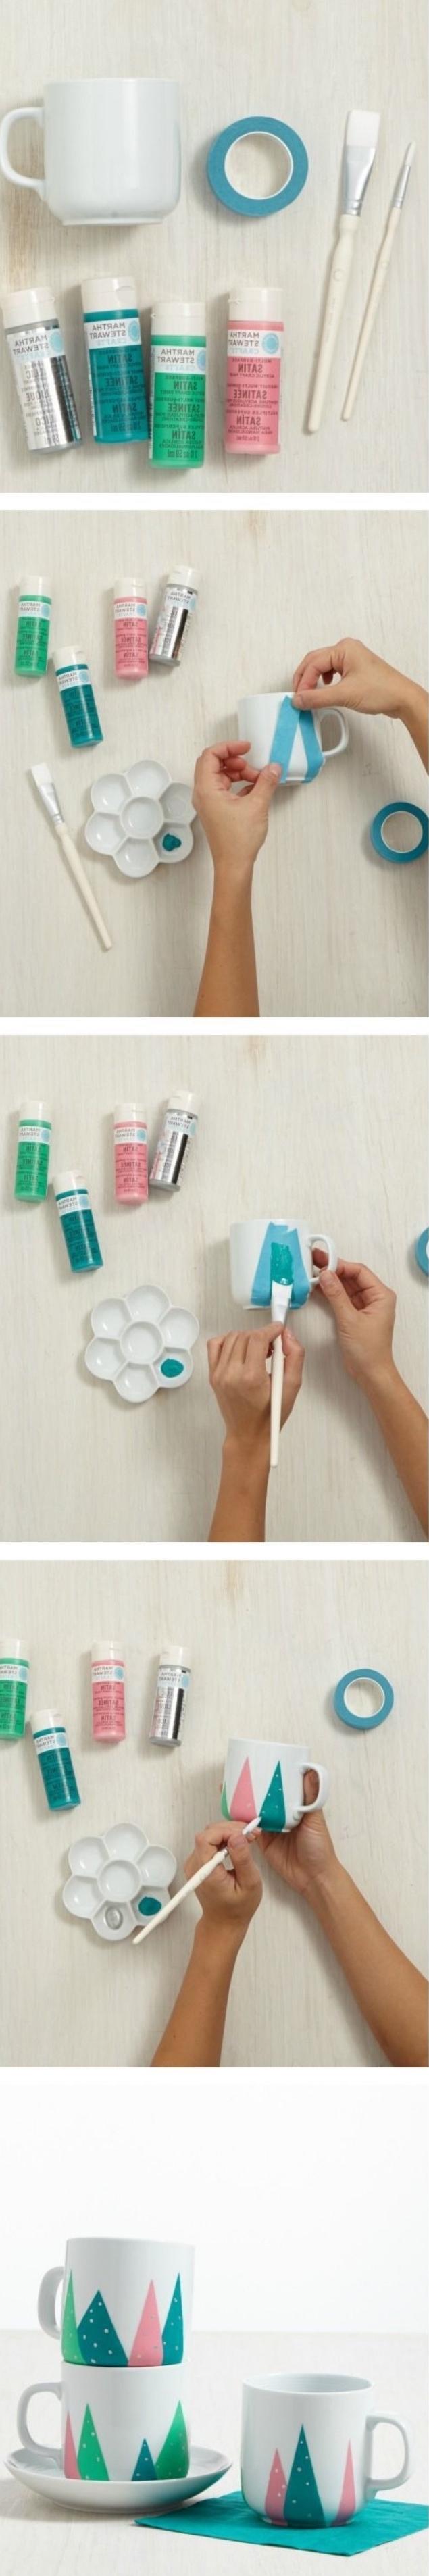 Basteltipps und Ideen wie Sie selber schöne Designs basteln und dekorieren, Glitter, Washi Tape, Tasse, Geduld